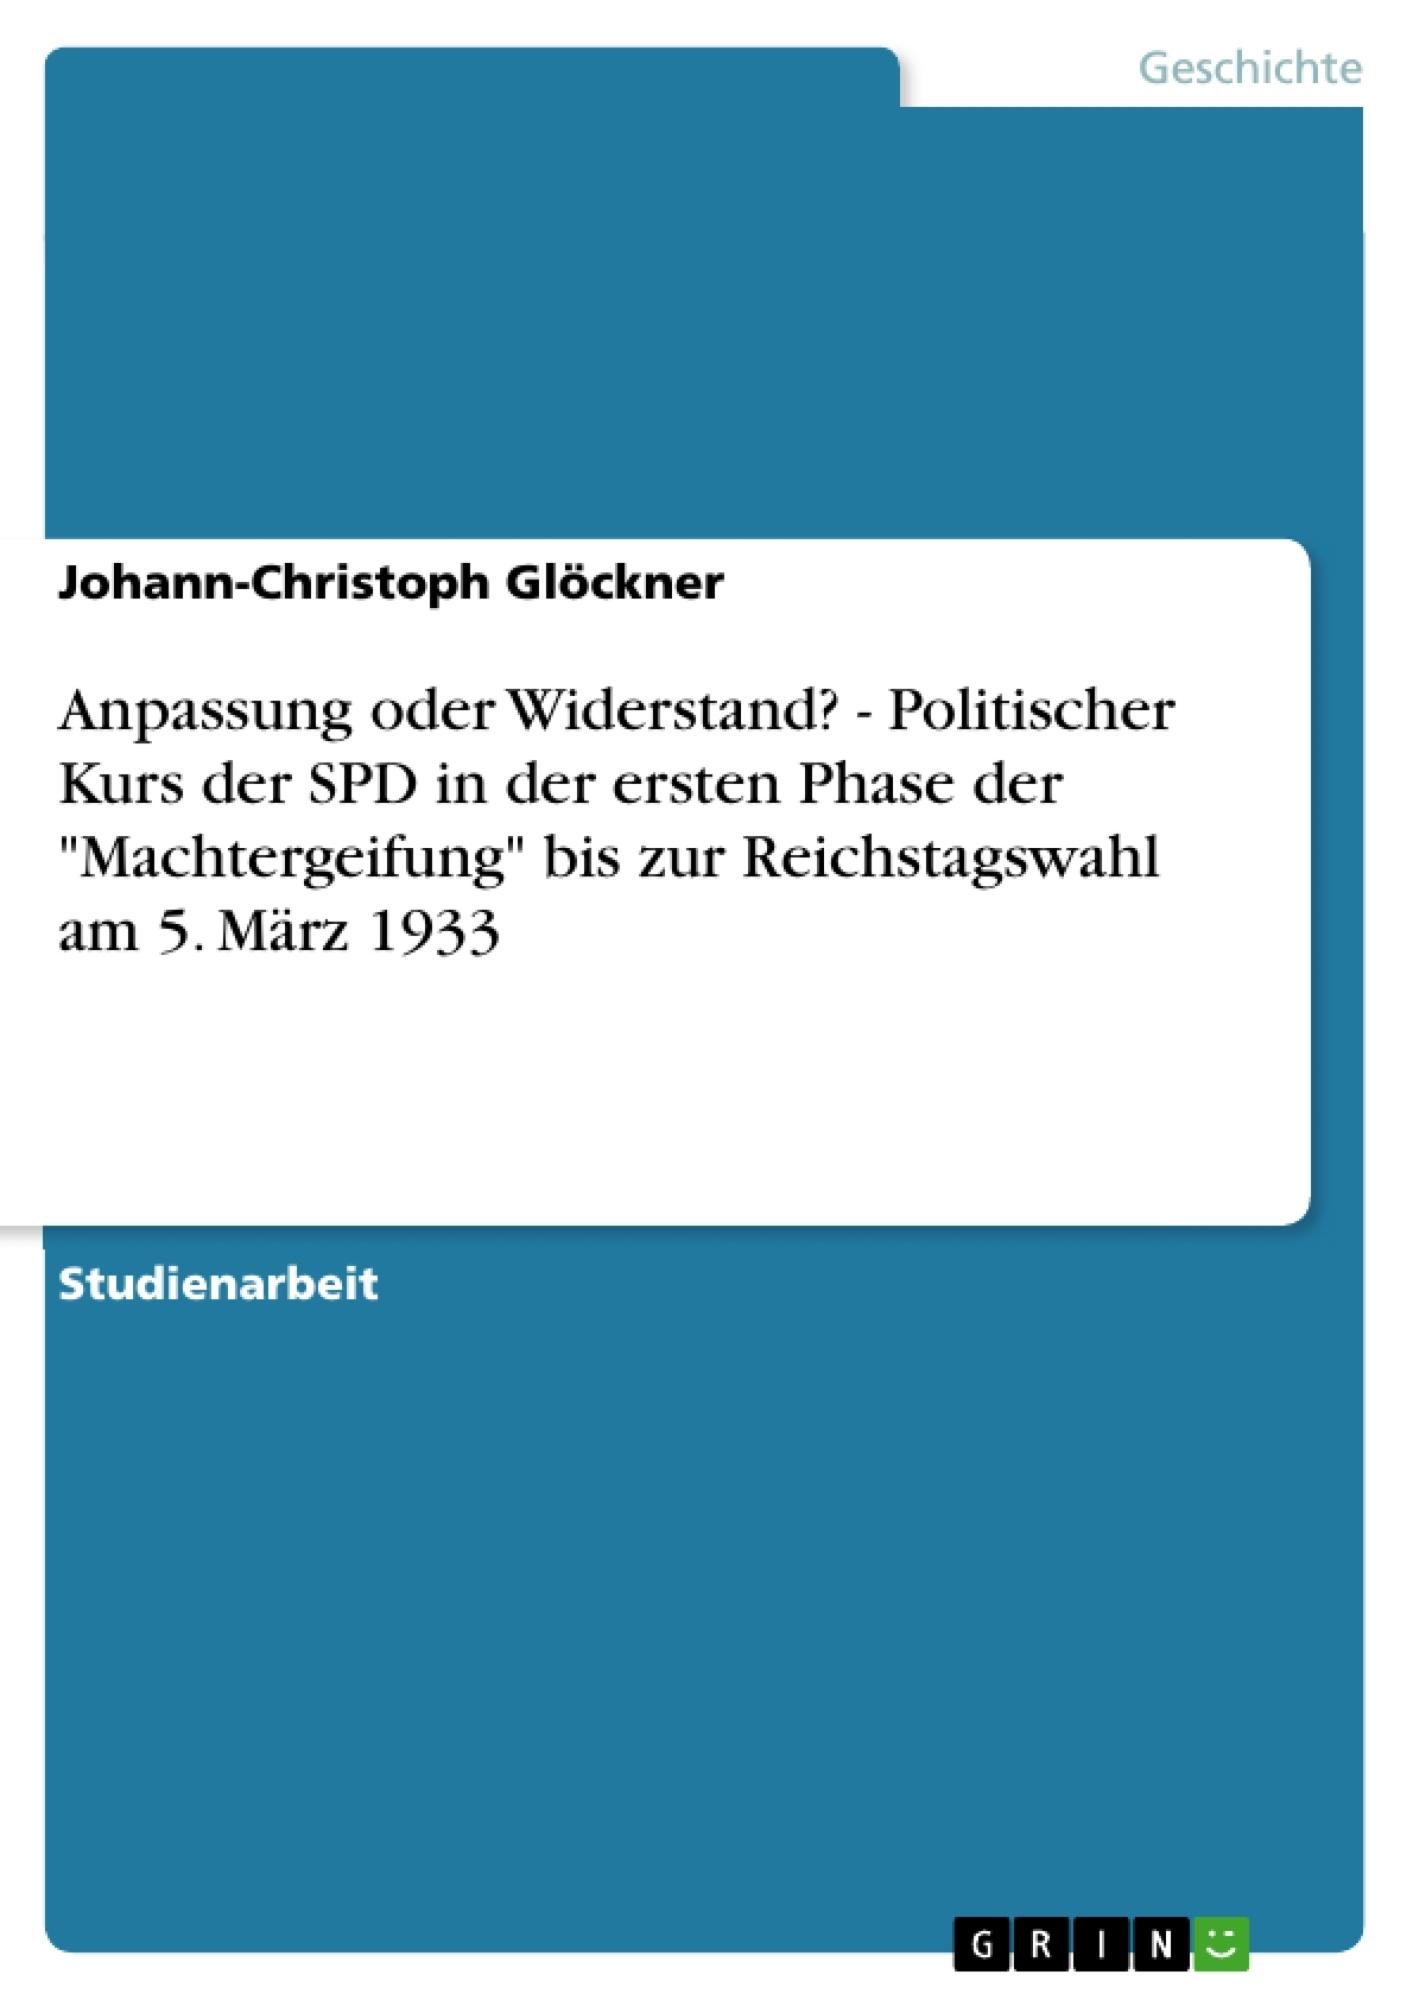 """Titel: Anpassung oder Widerstand? - Politischer Kurs der SPD in der ersten Phase der """"Machtergeifung"""" bis zur Reichstagswahl am 5. März 1933"""